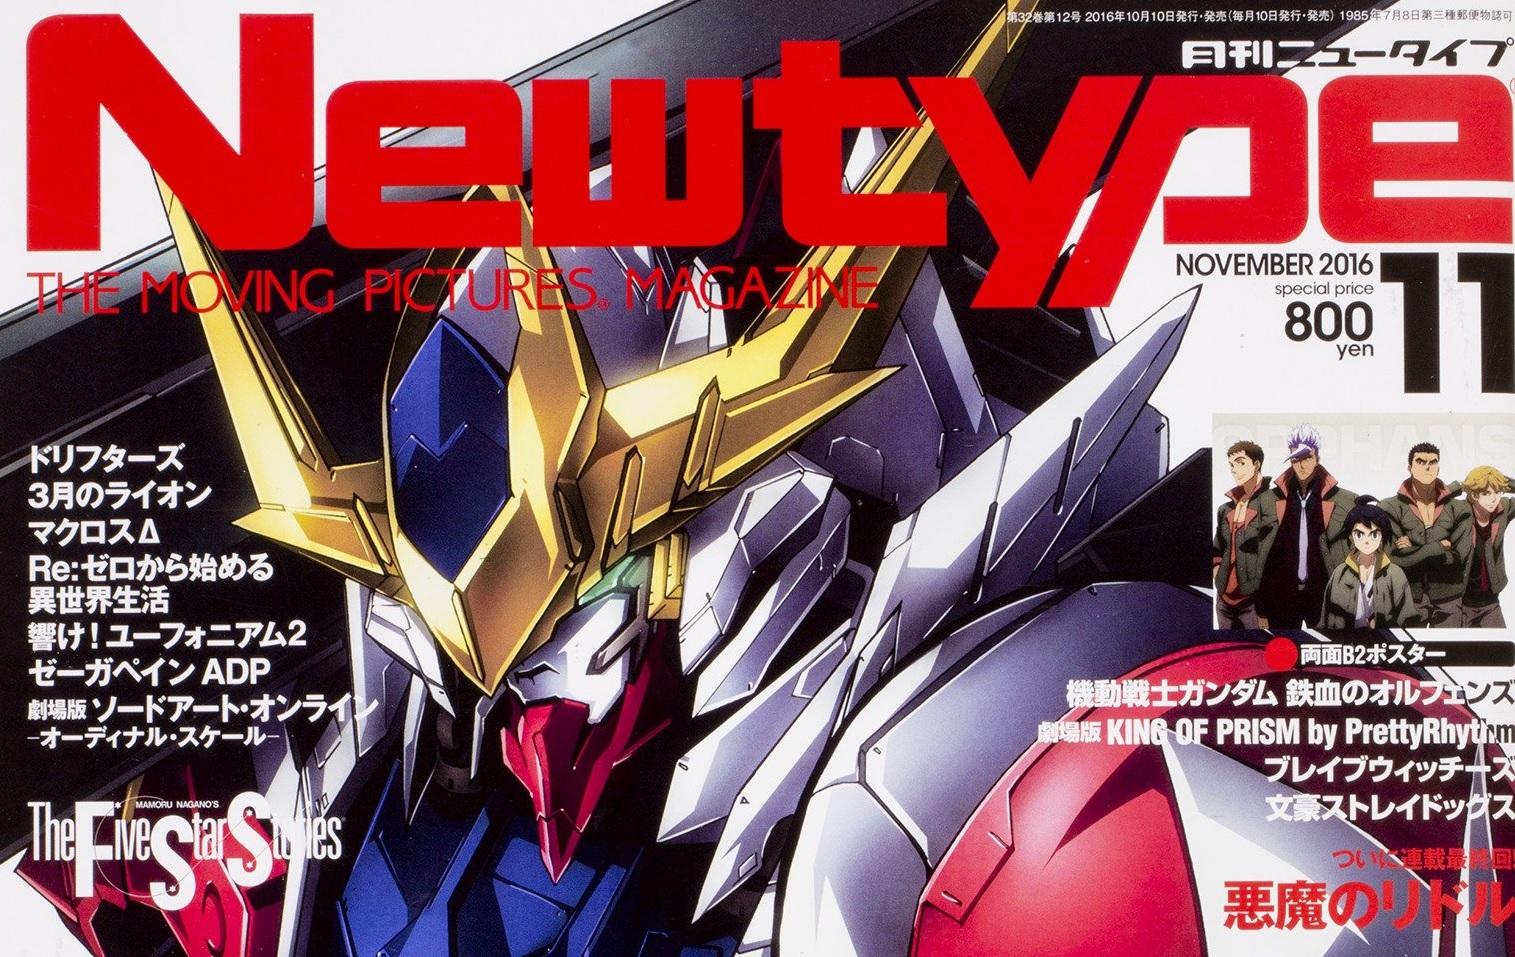 【創刊33周年!】アニメ雑誌「月刊NEWTYPE」の思い出